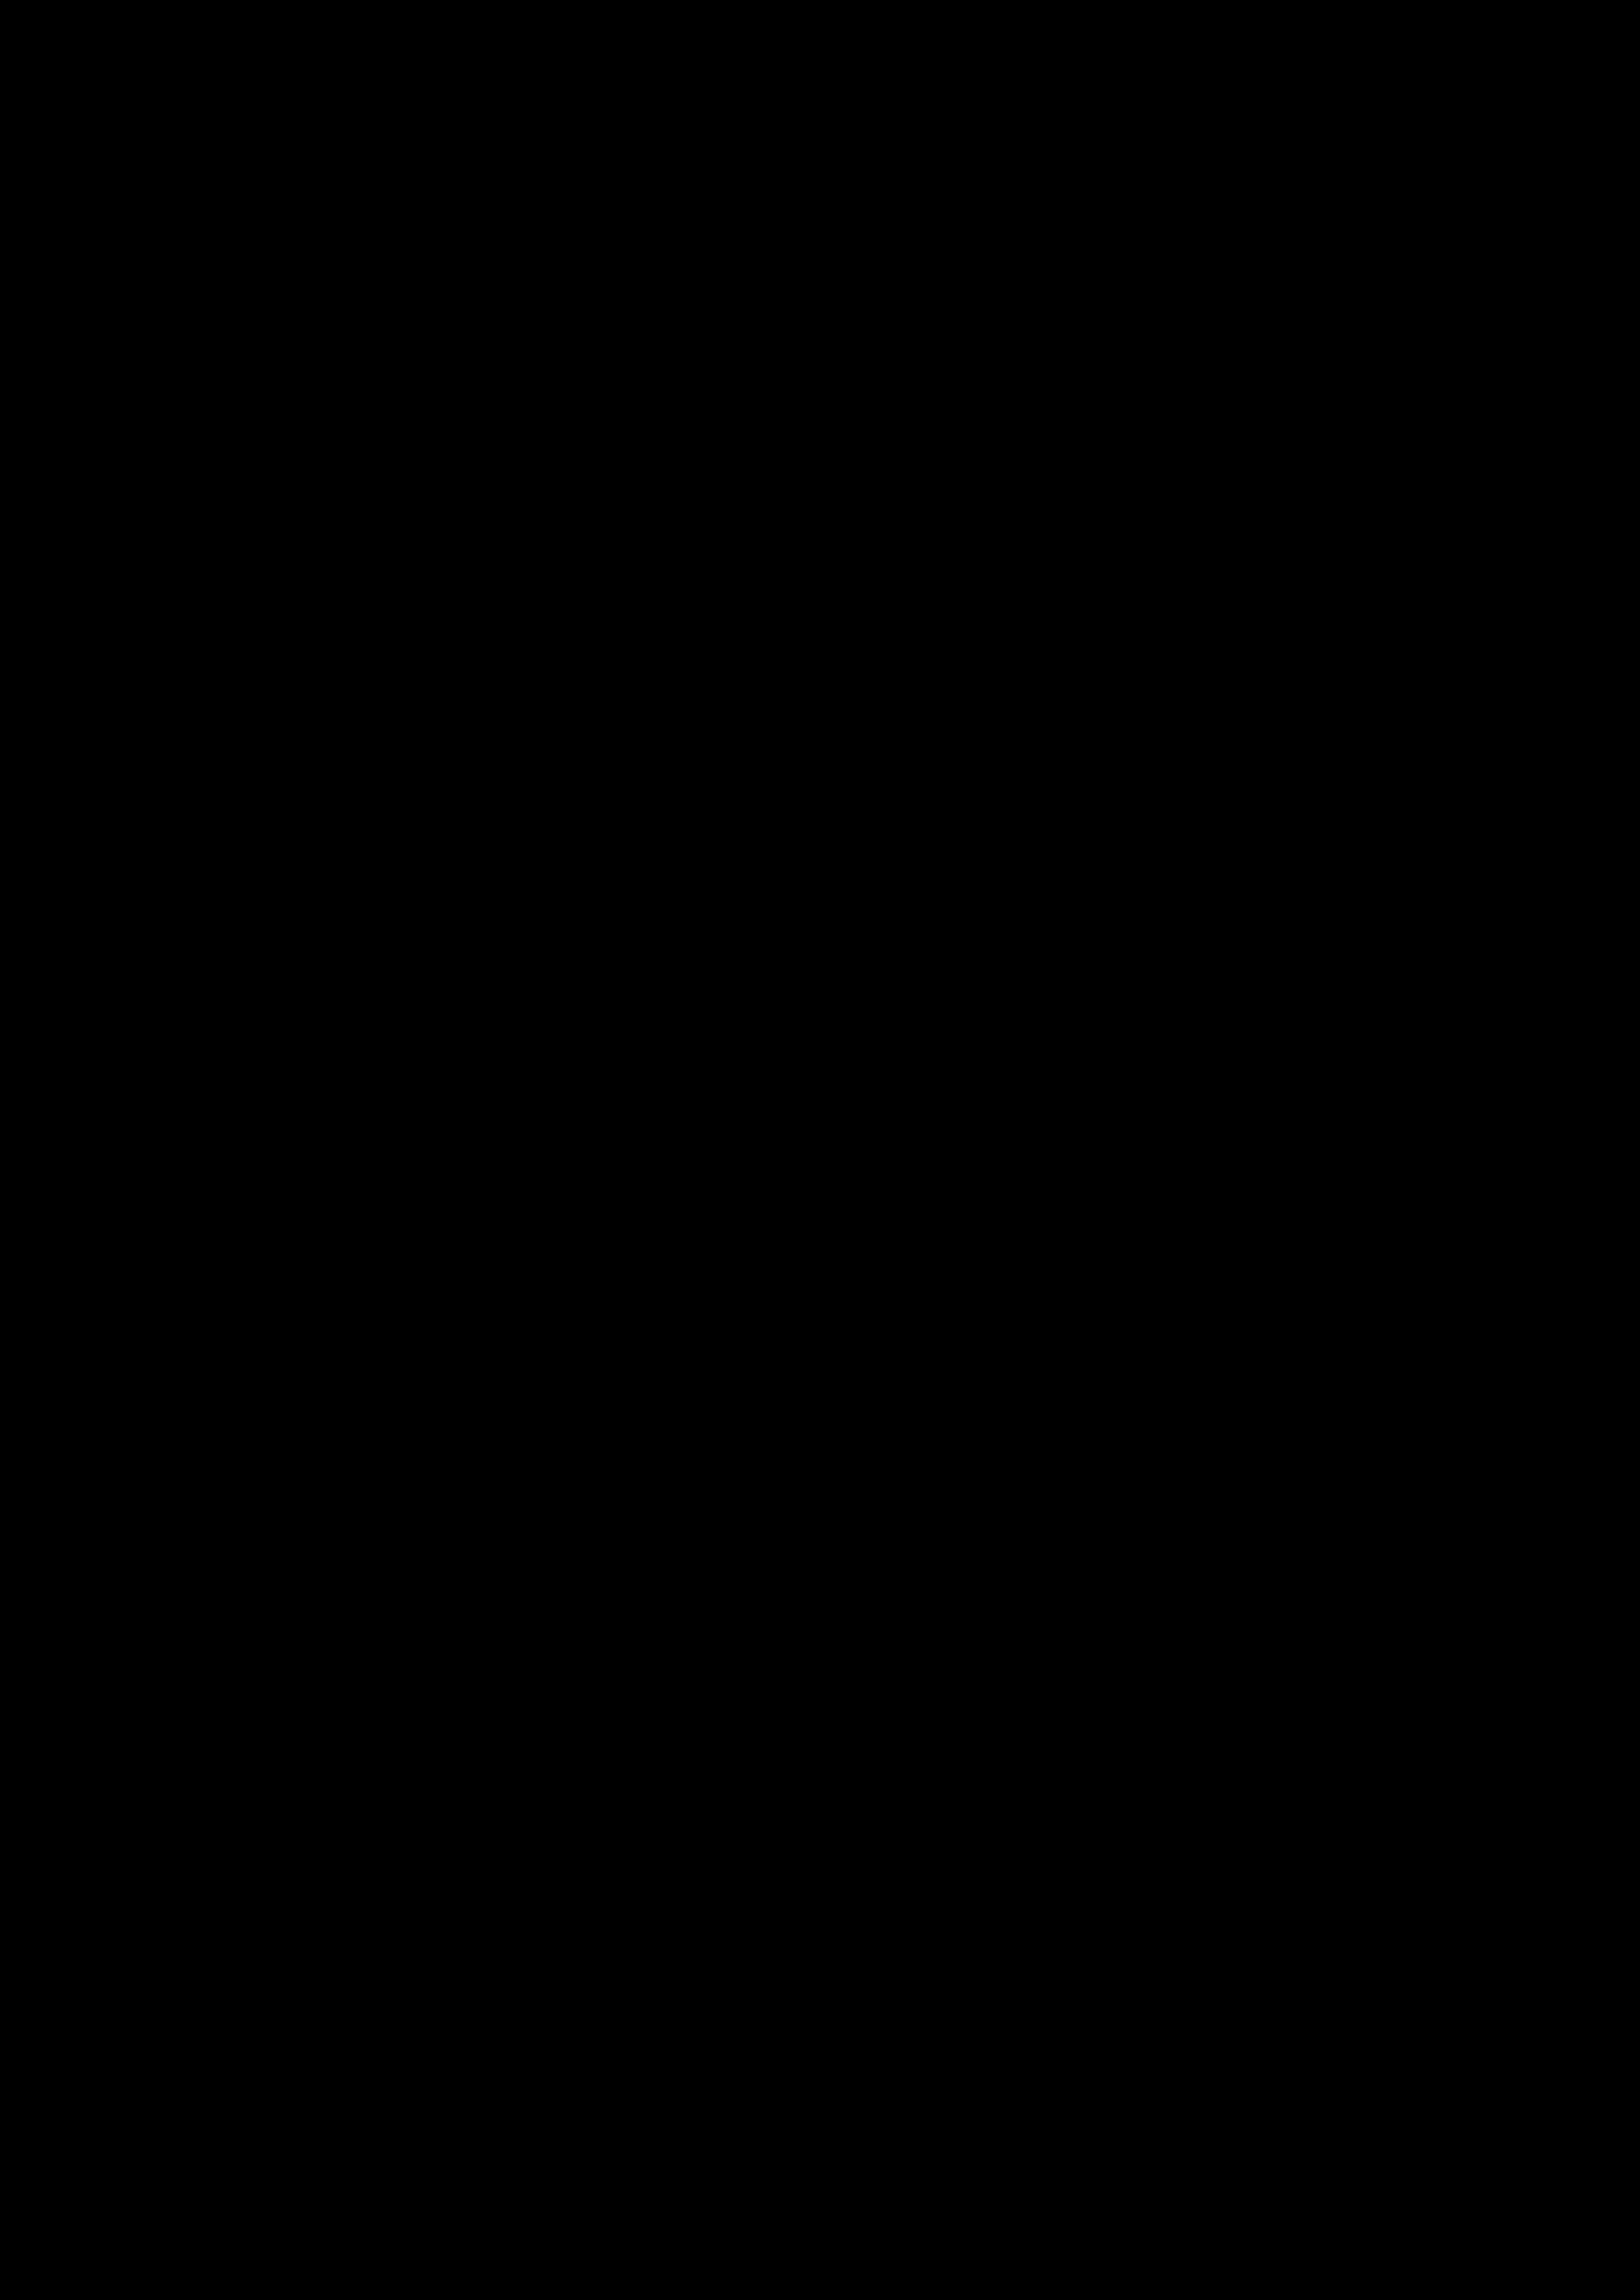 Giftnotrufzentralen in Deutschland